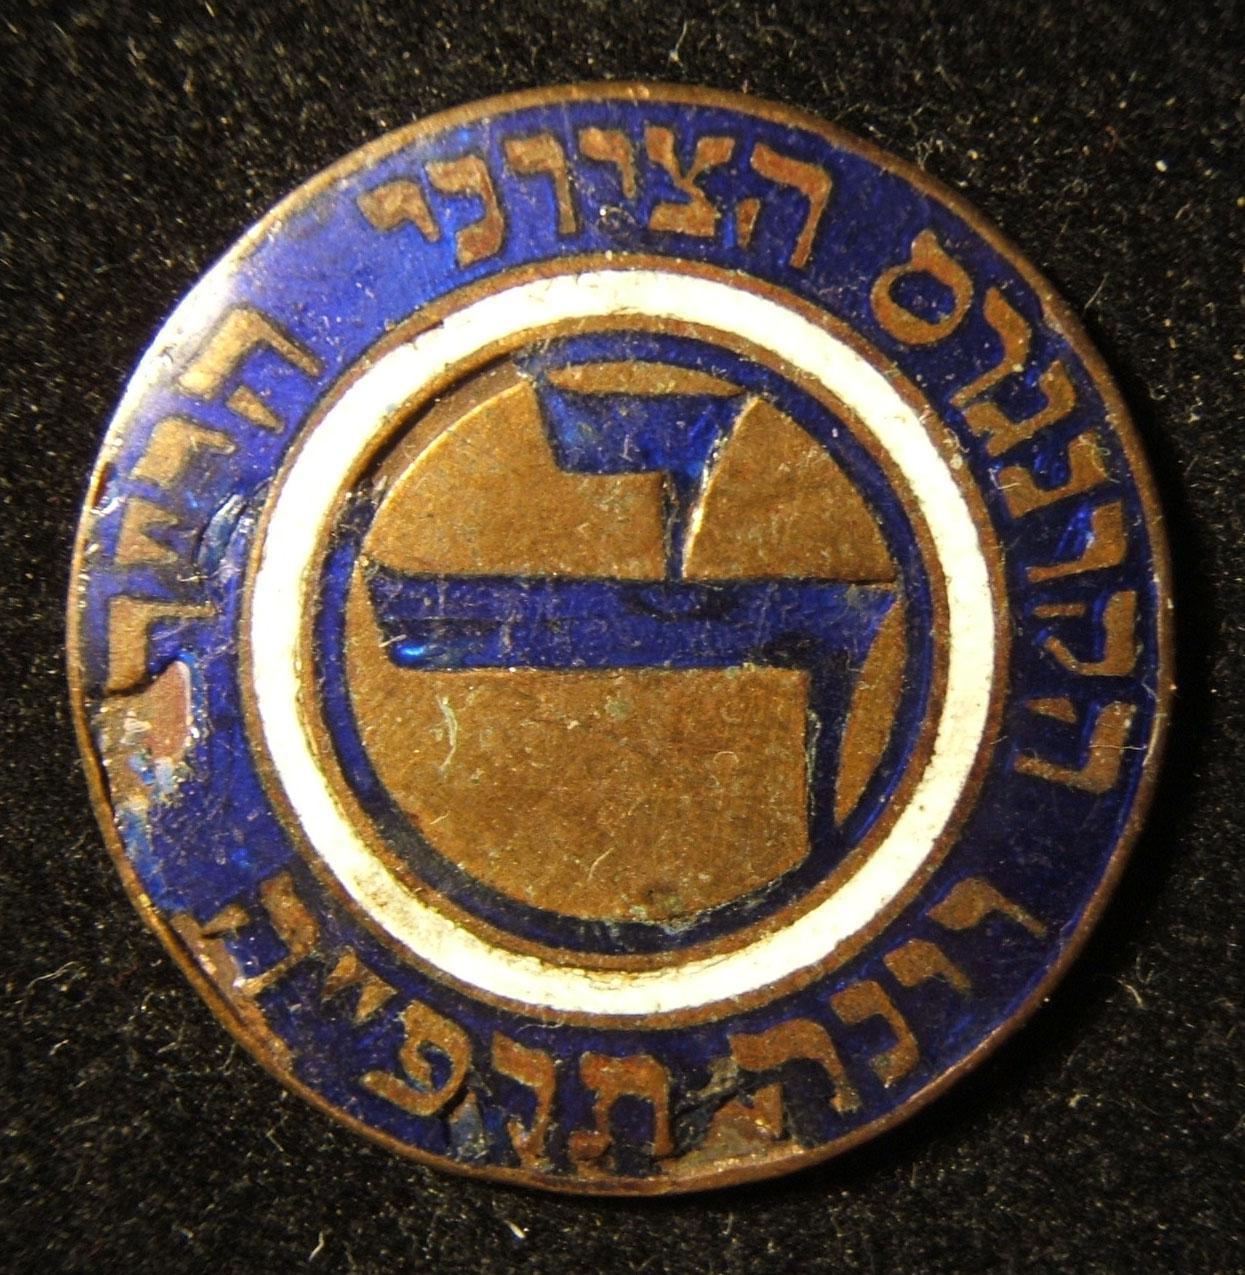 دستور الحزب الديمقراطي الصهيوني في يهودية 14th ، 1925 بقلم M. Hammer